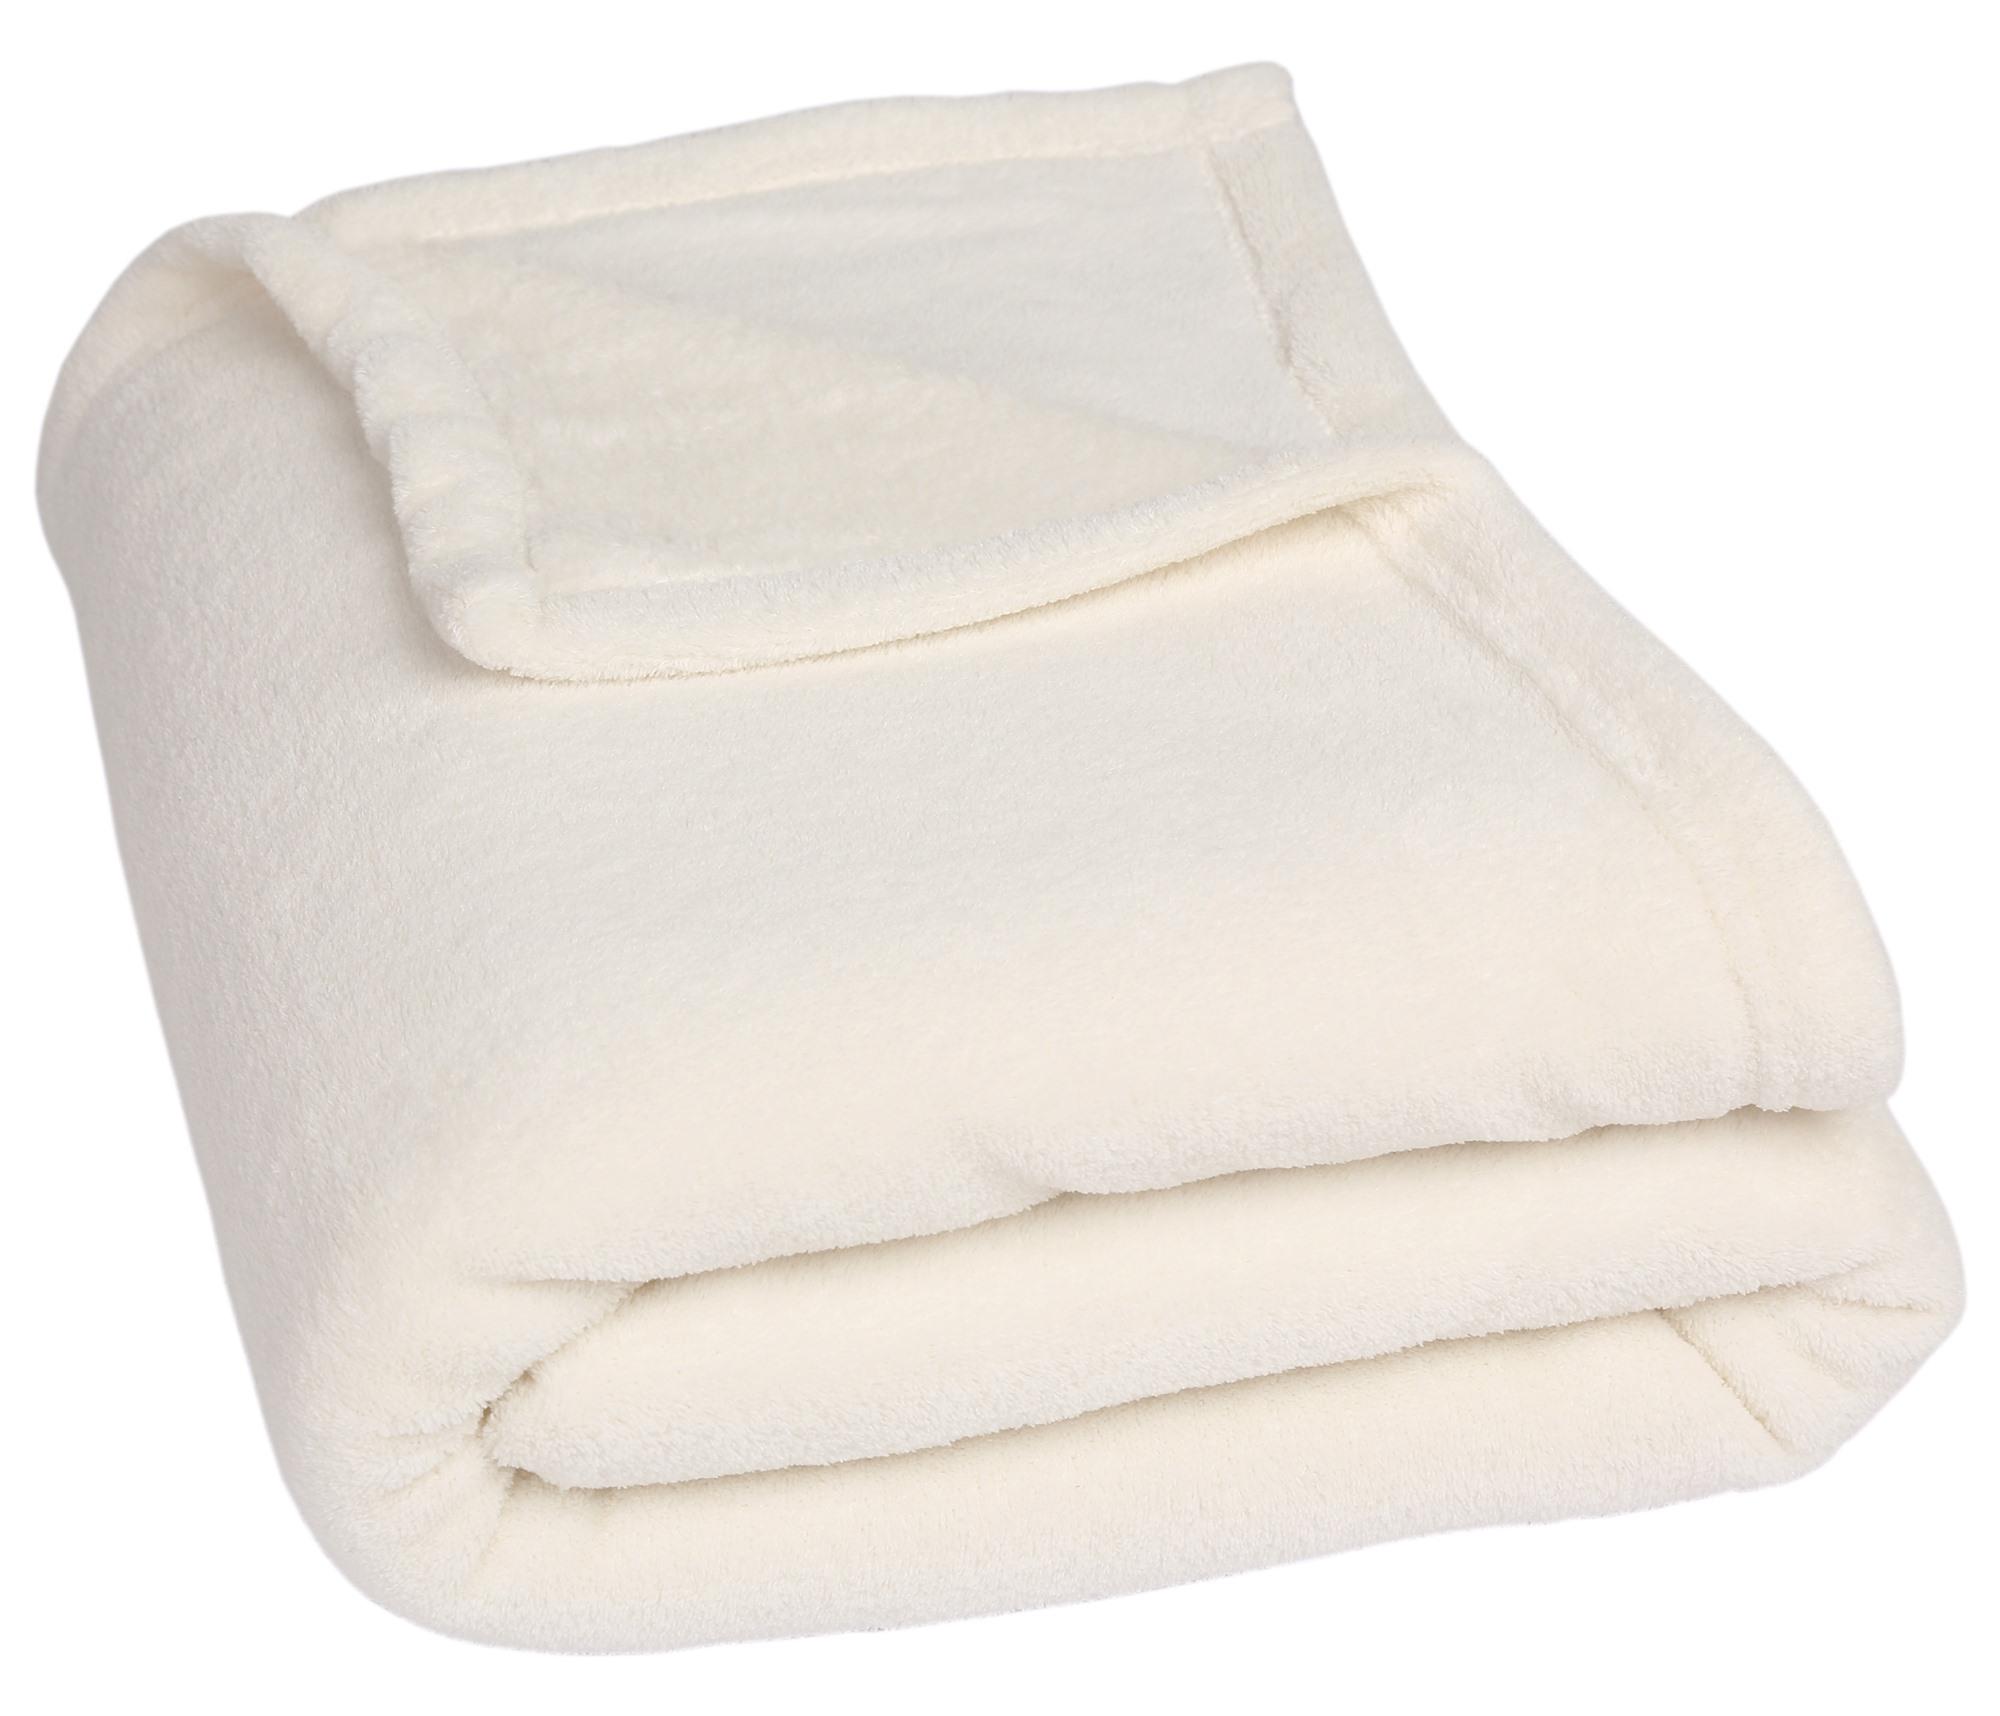 betz poland coraldecke kuscheldecke picknickdecke. Black Bedroom Furniture Sets. Home Design Ideas